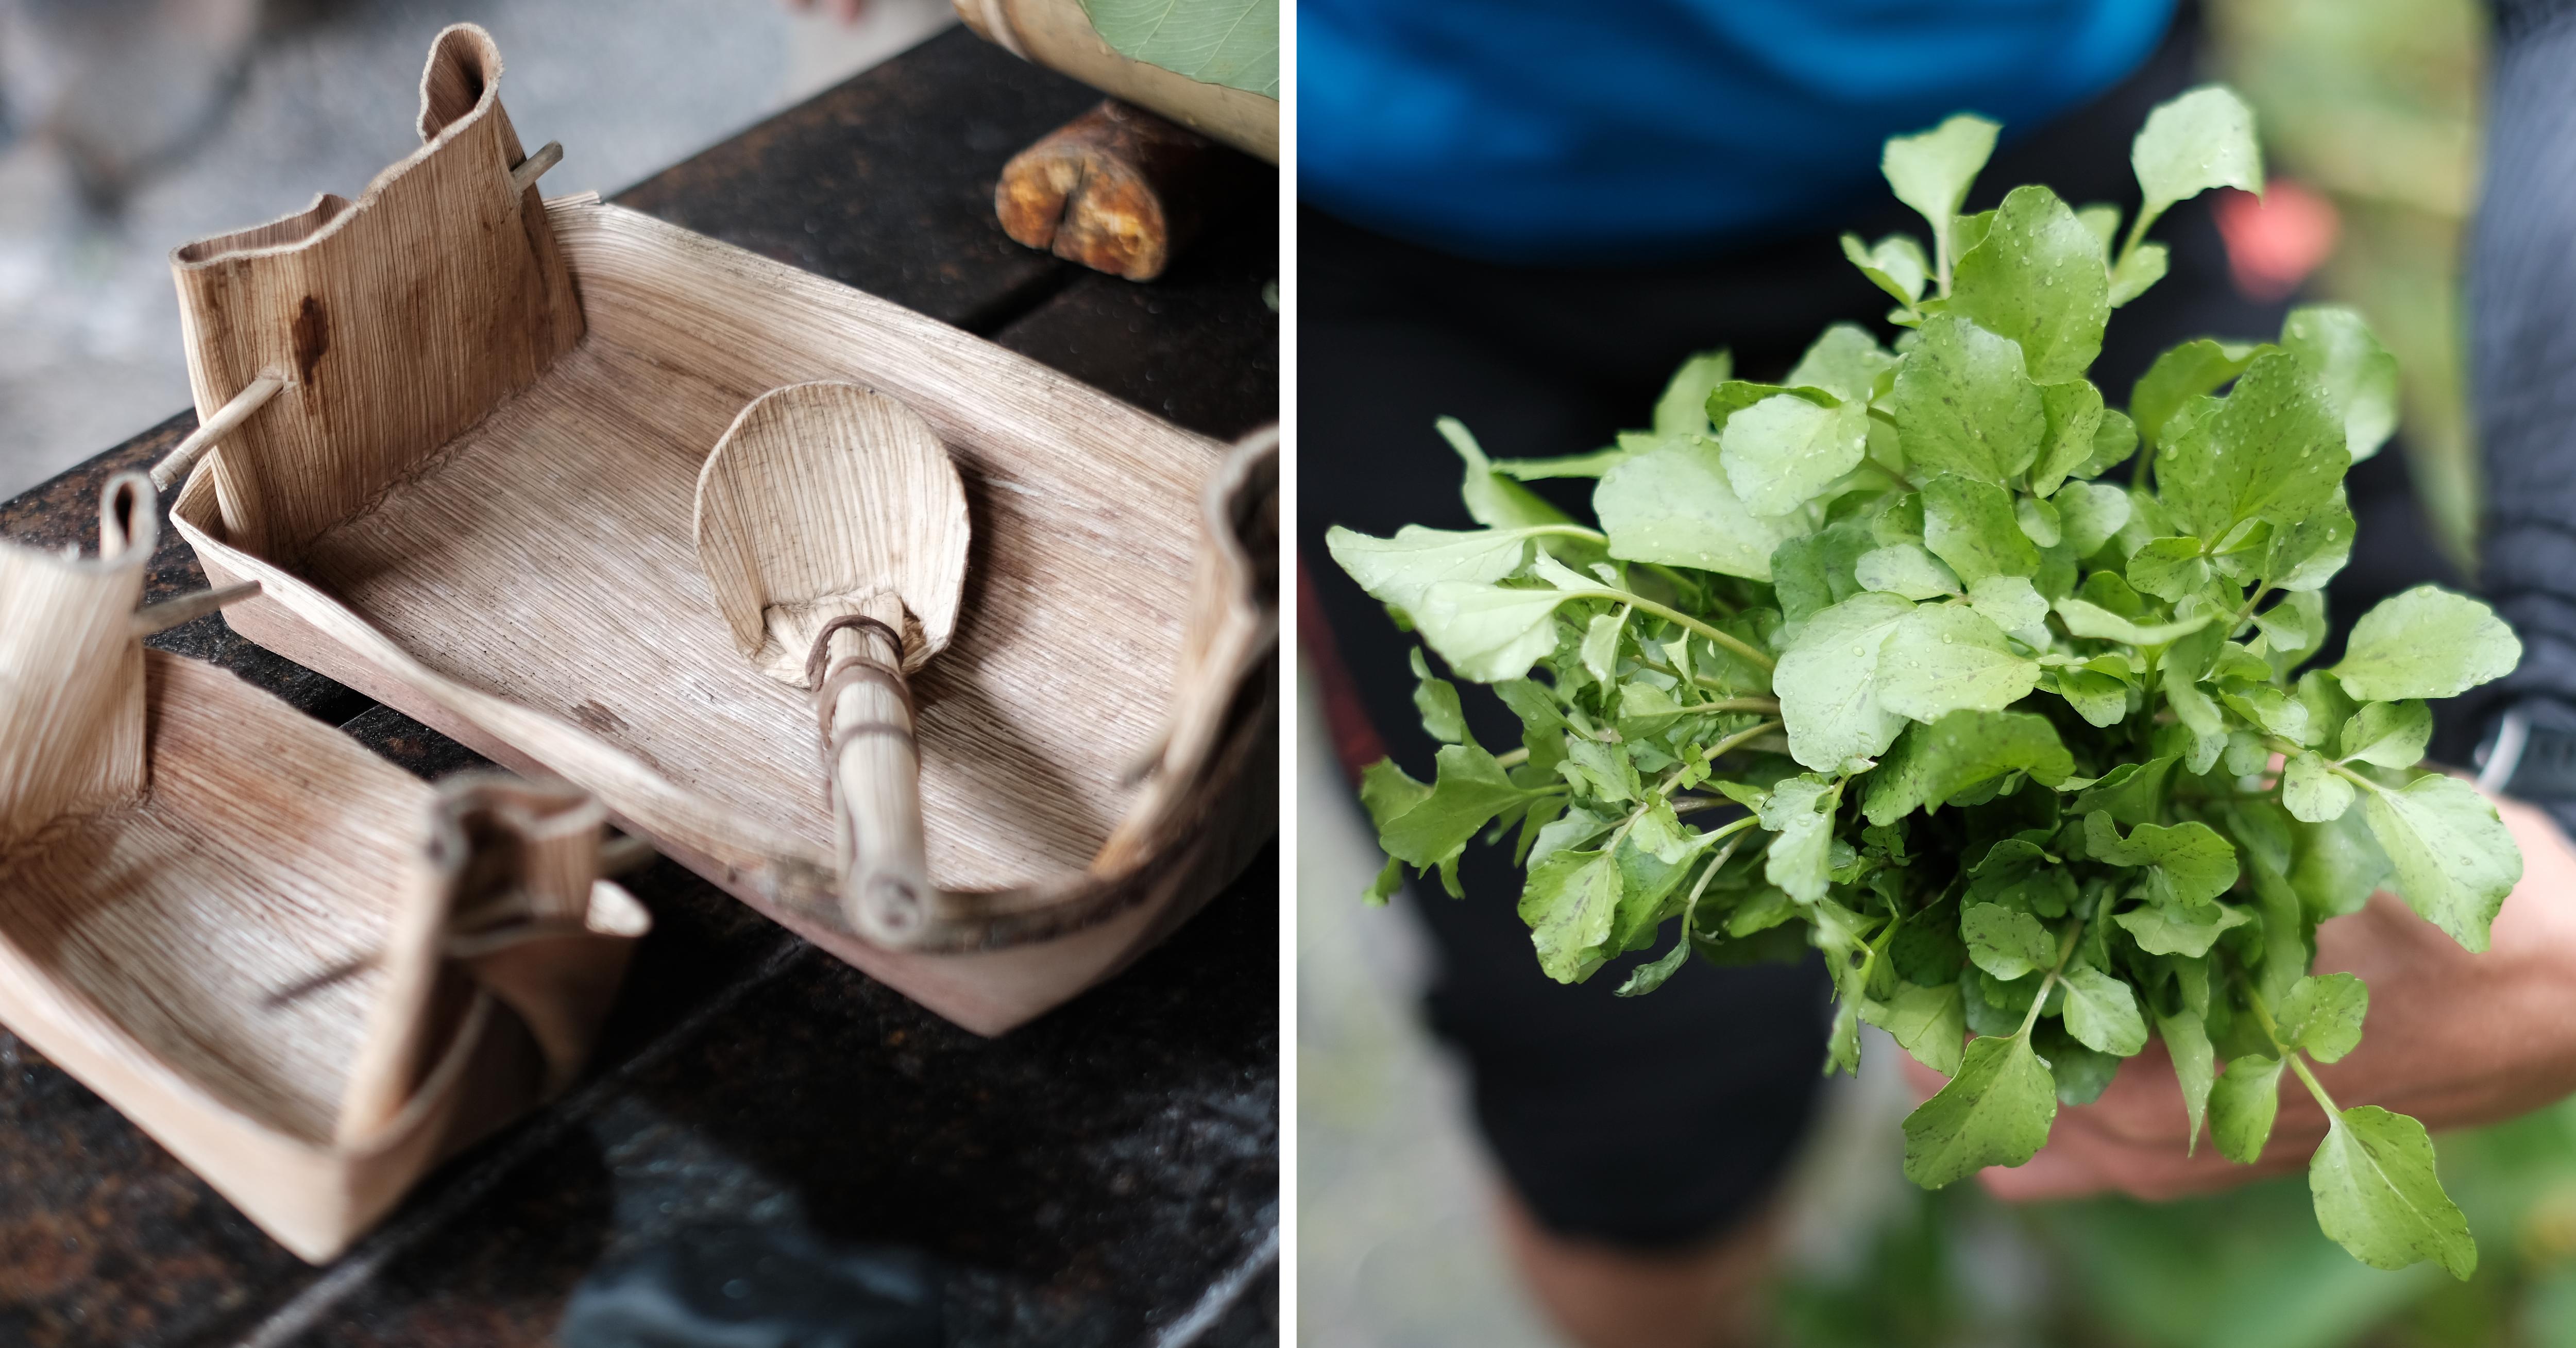 【花蓮光復】欣綠農園︱自摘野菜、自炊石頭鍋,給城裡人的原住民生活智慧小旅行